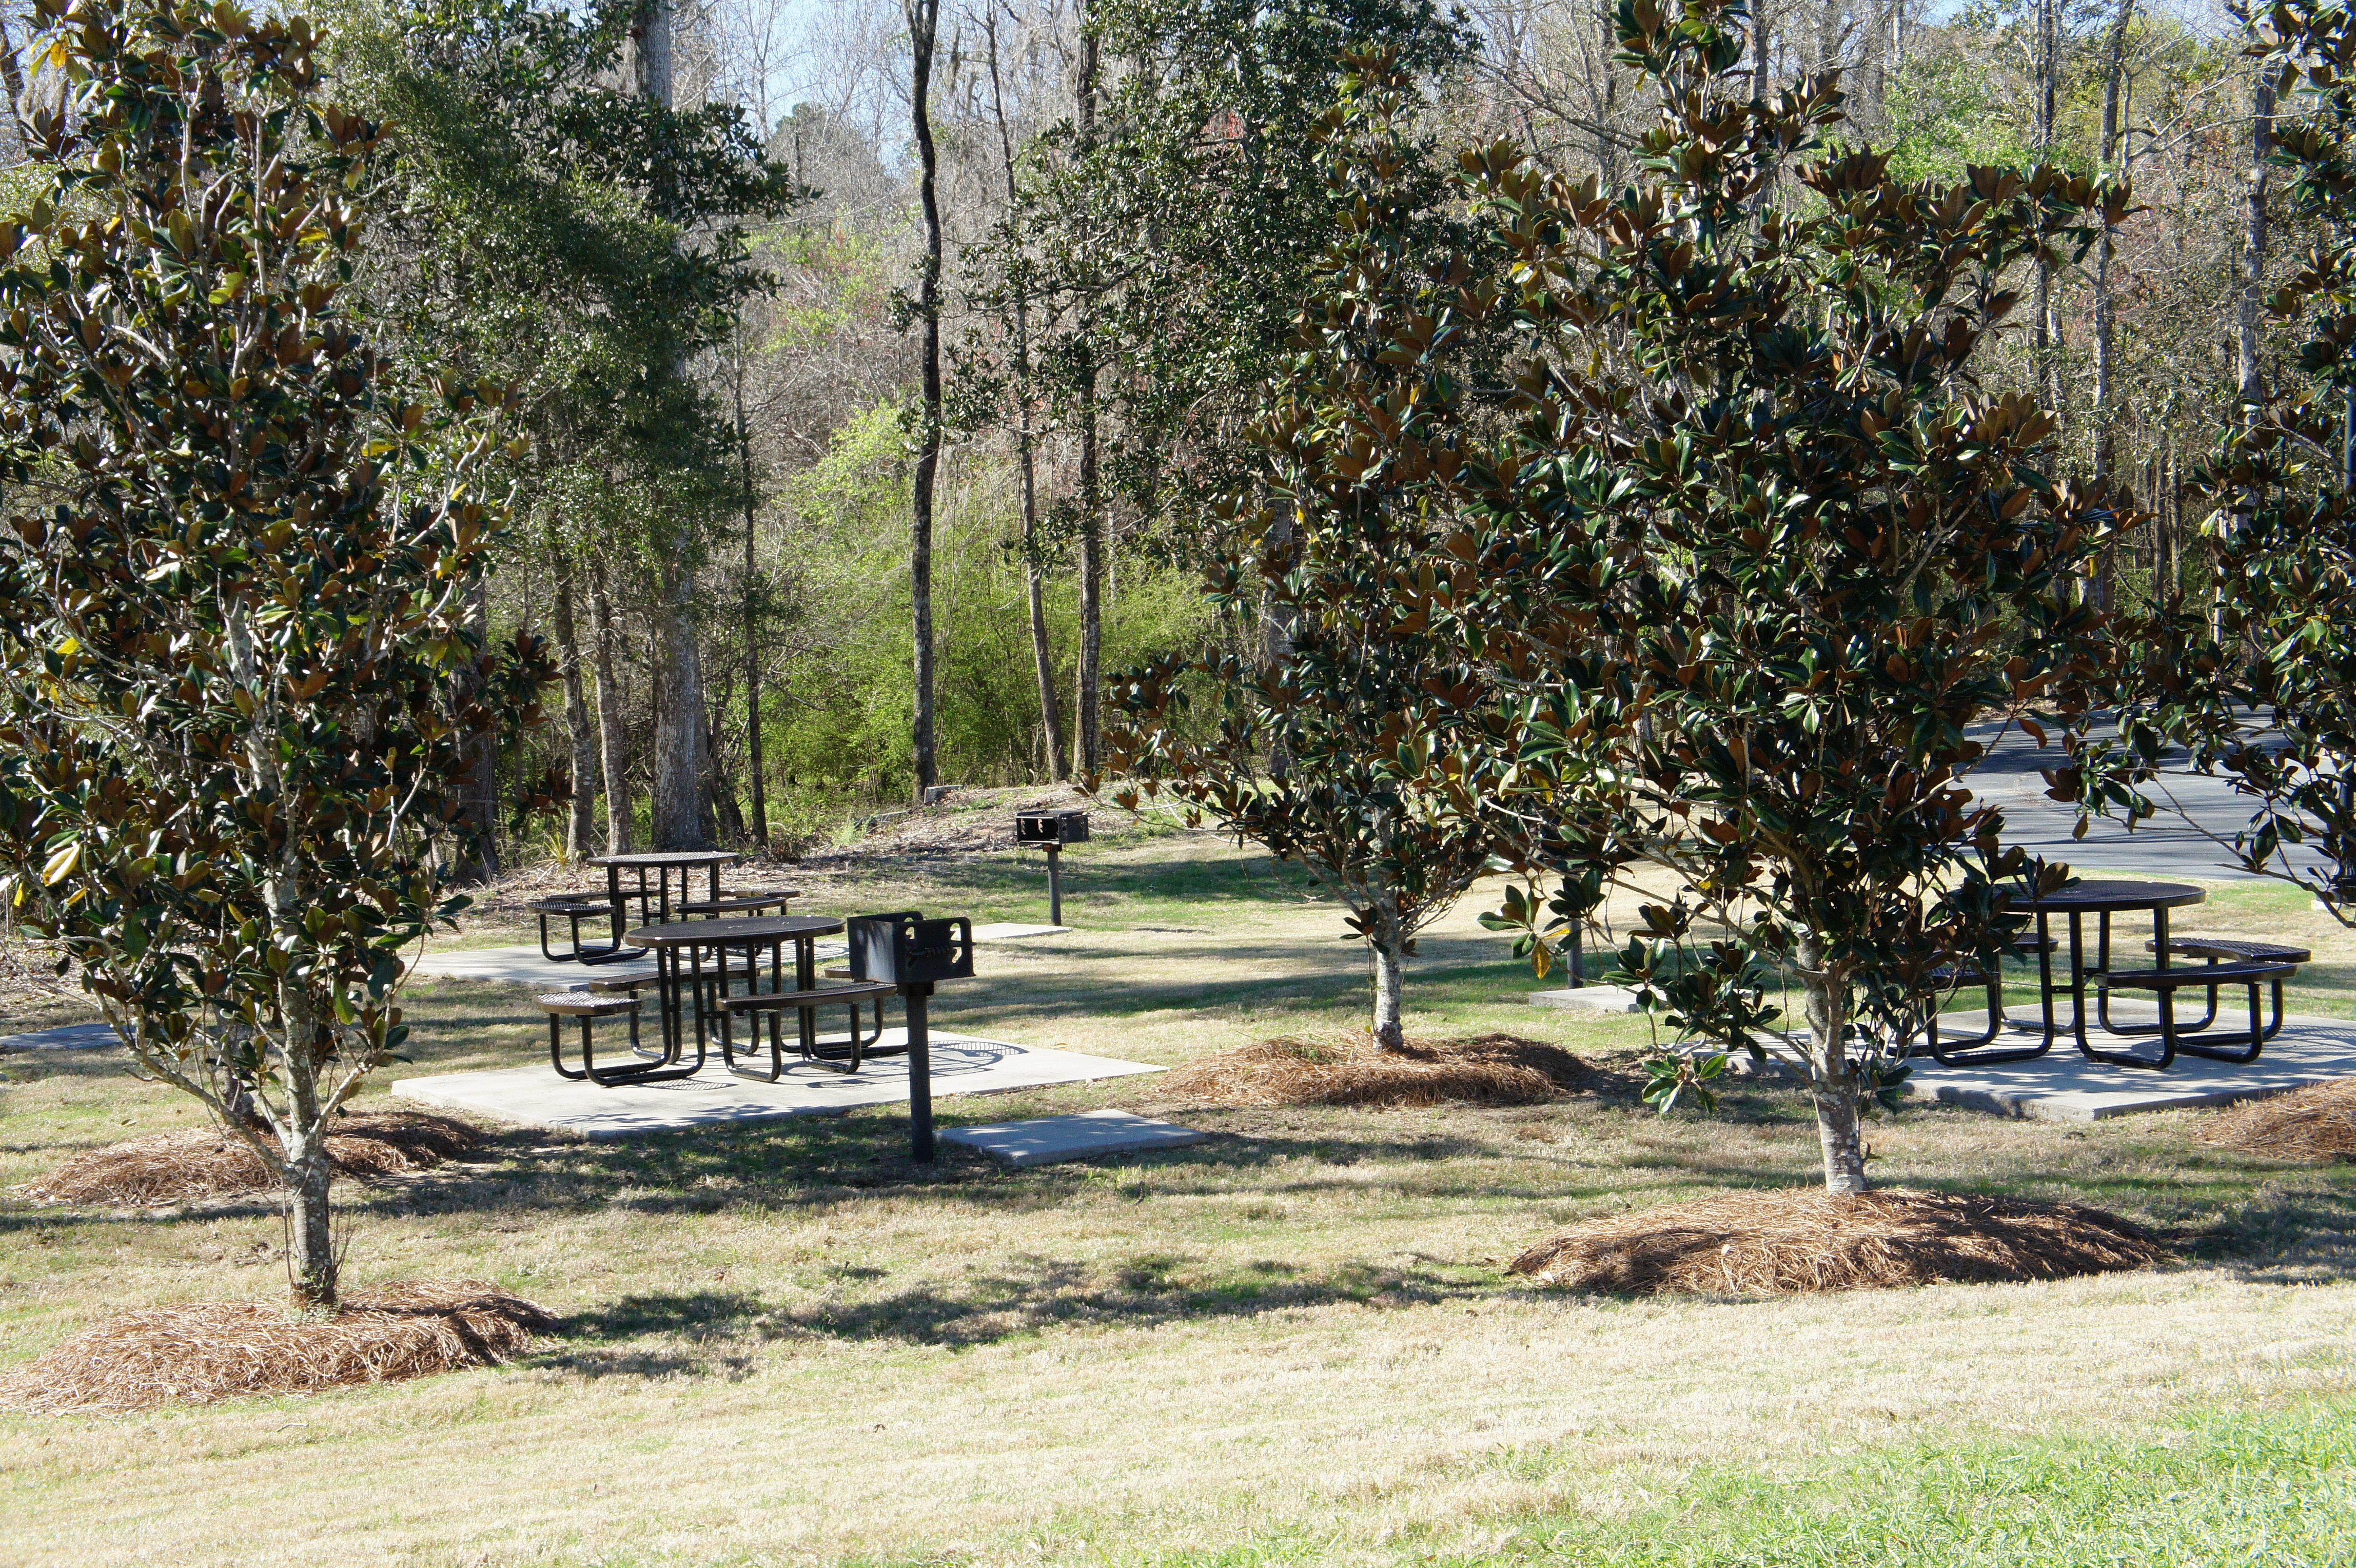 I 45 picnic area